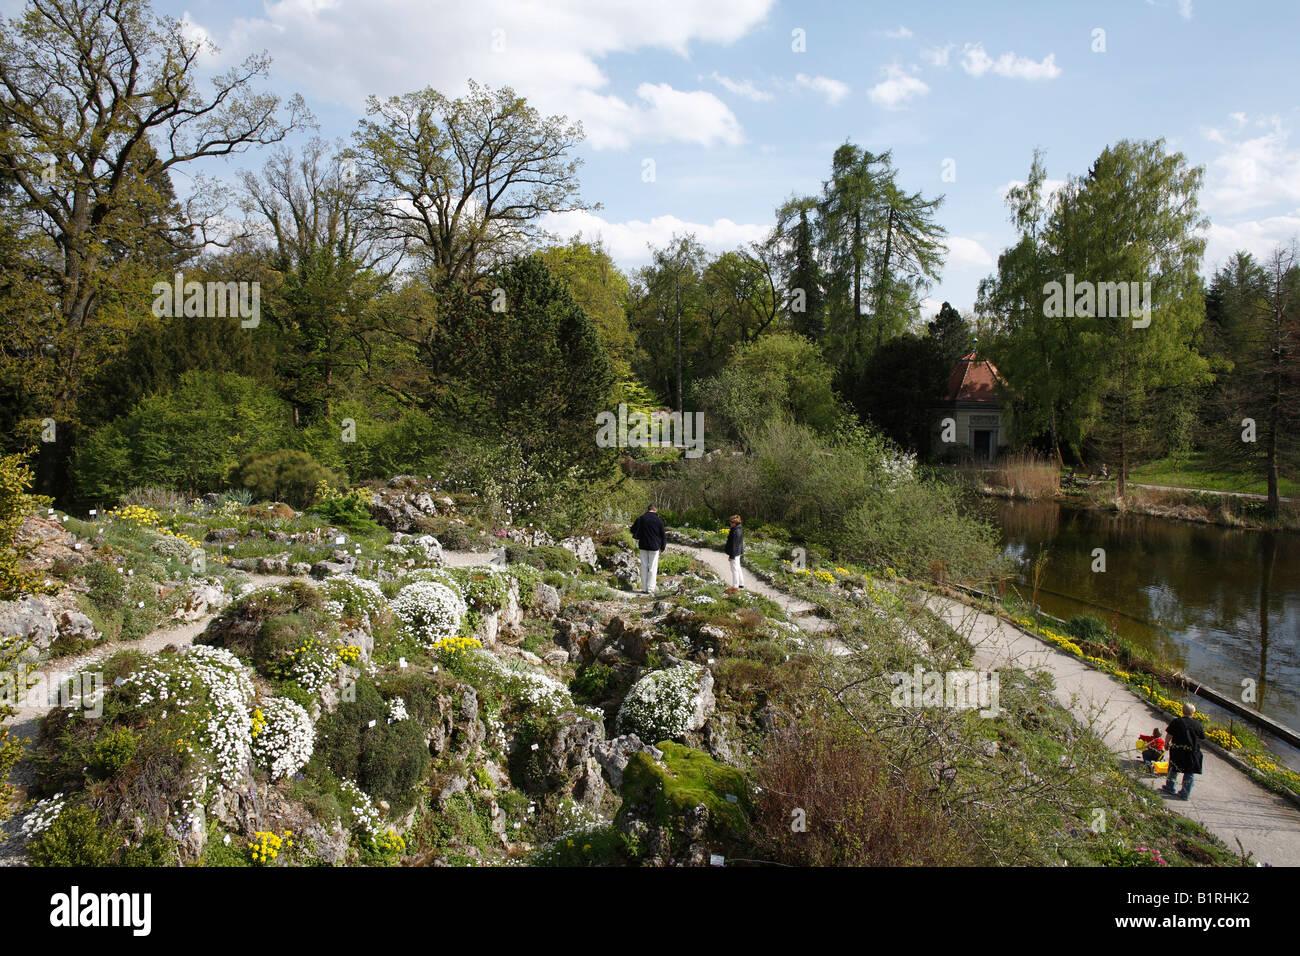 Alpine Garden Stock Photos & Alpine Garden Stock Images - Alamy